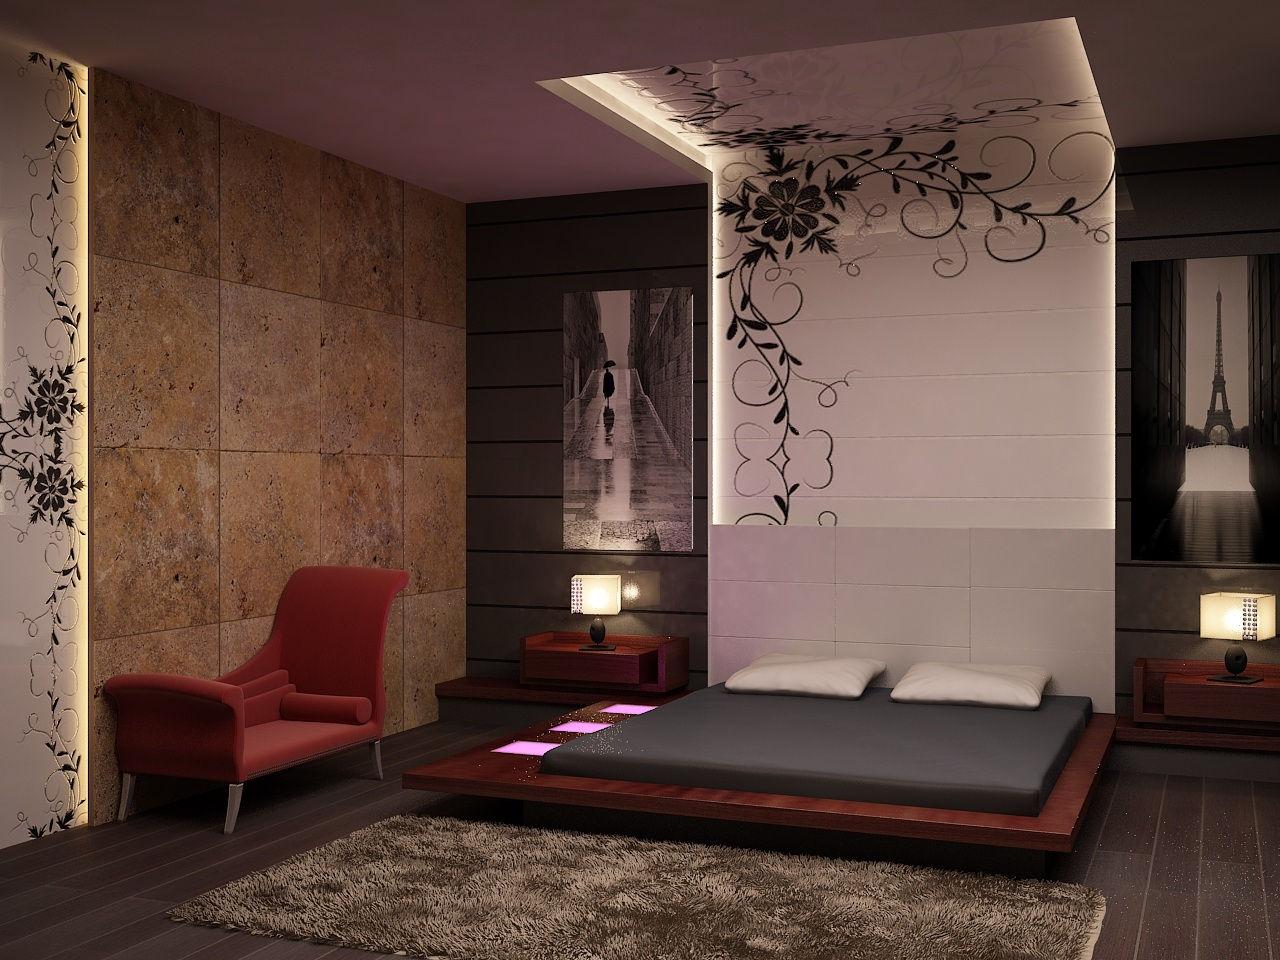 Serkan yazici 3d 39 ream 39 design for Zen type bedroom ideas